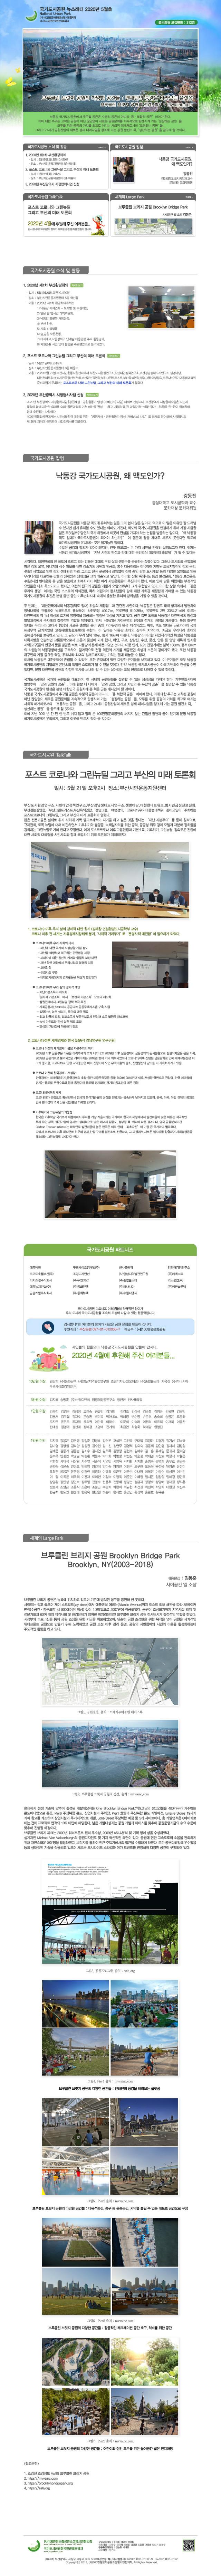 백만평5월호뉴스레터.jpg